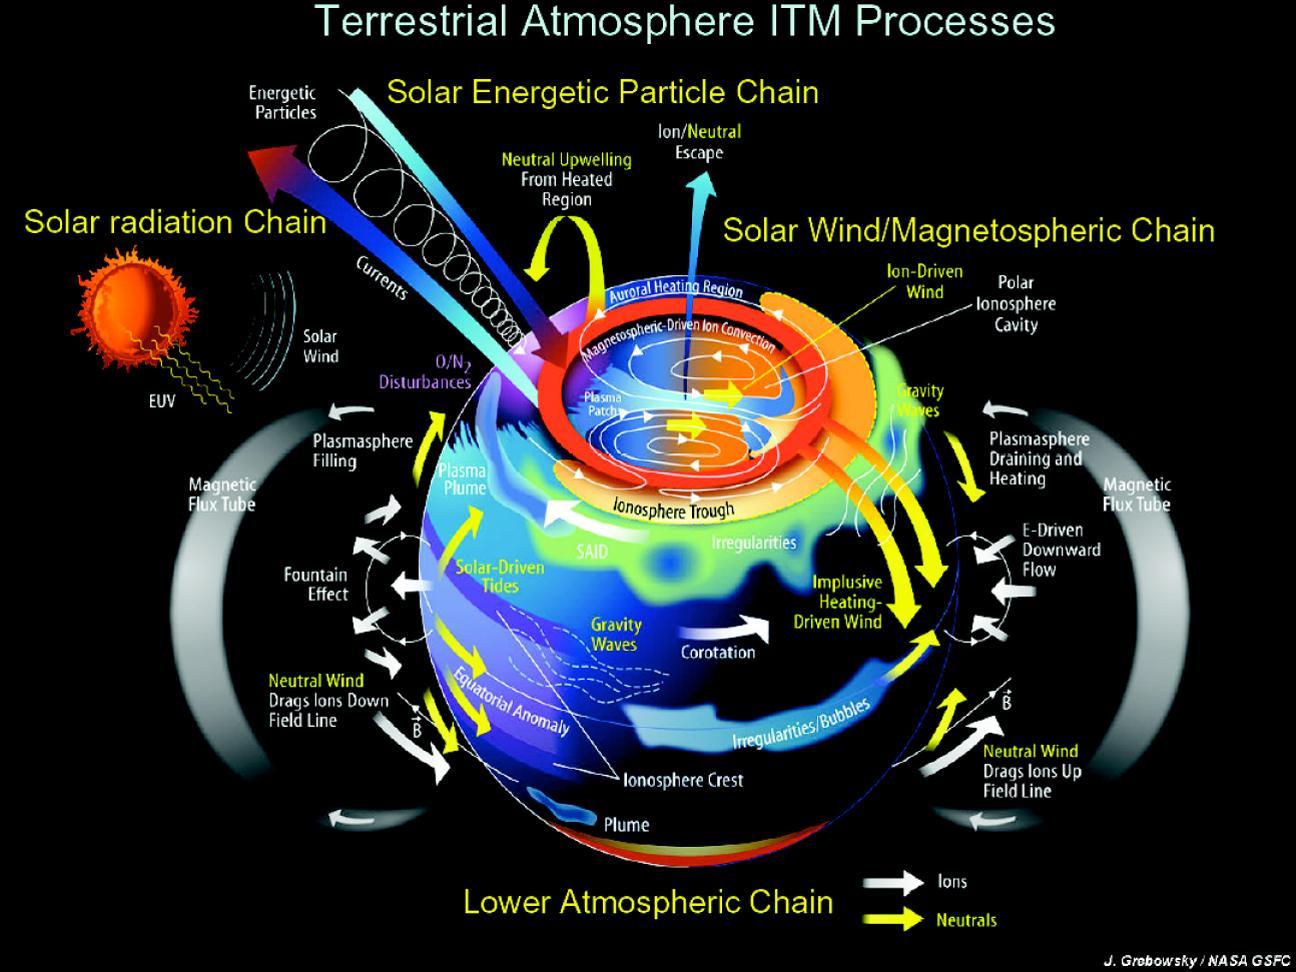 Terrestrial Atmosphere Itm Processes